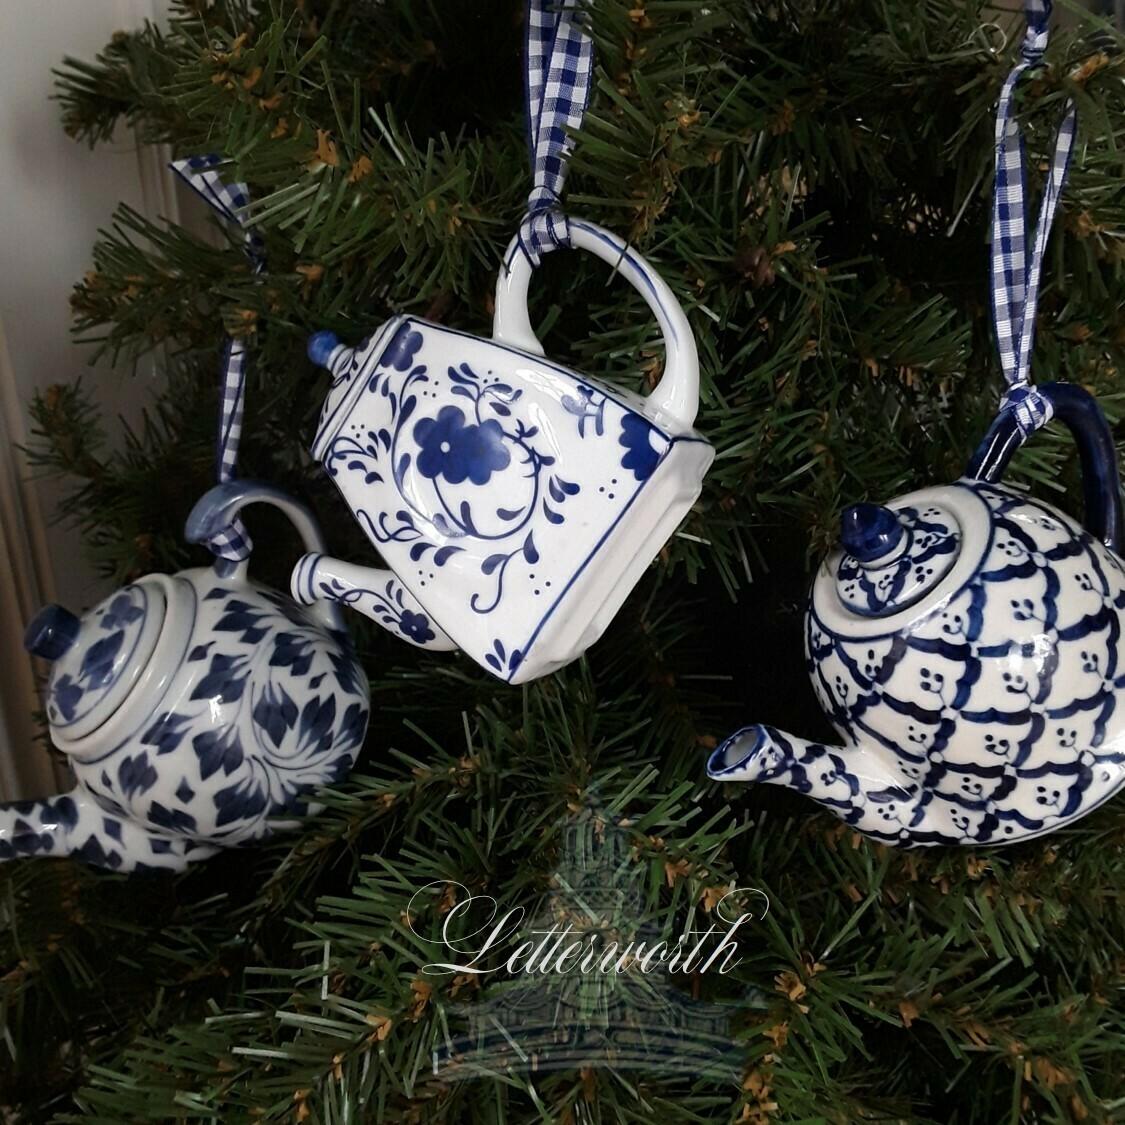 Vintage Miniature Blue and White Porcelain Teapot Ornaments (Set of 3)